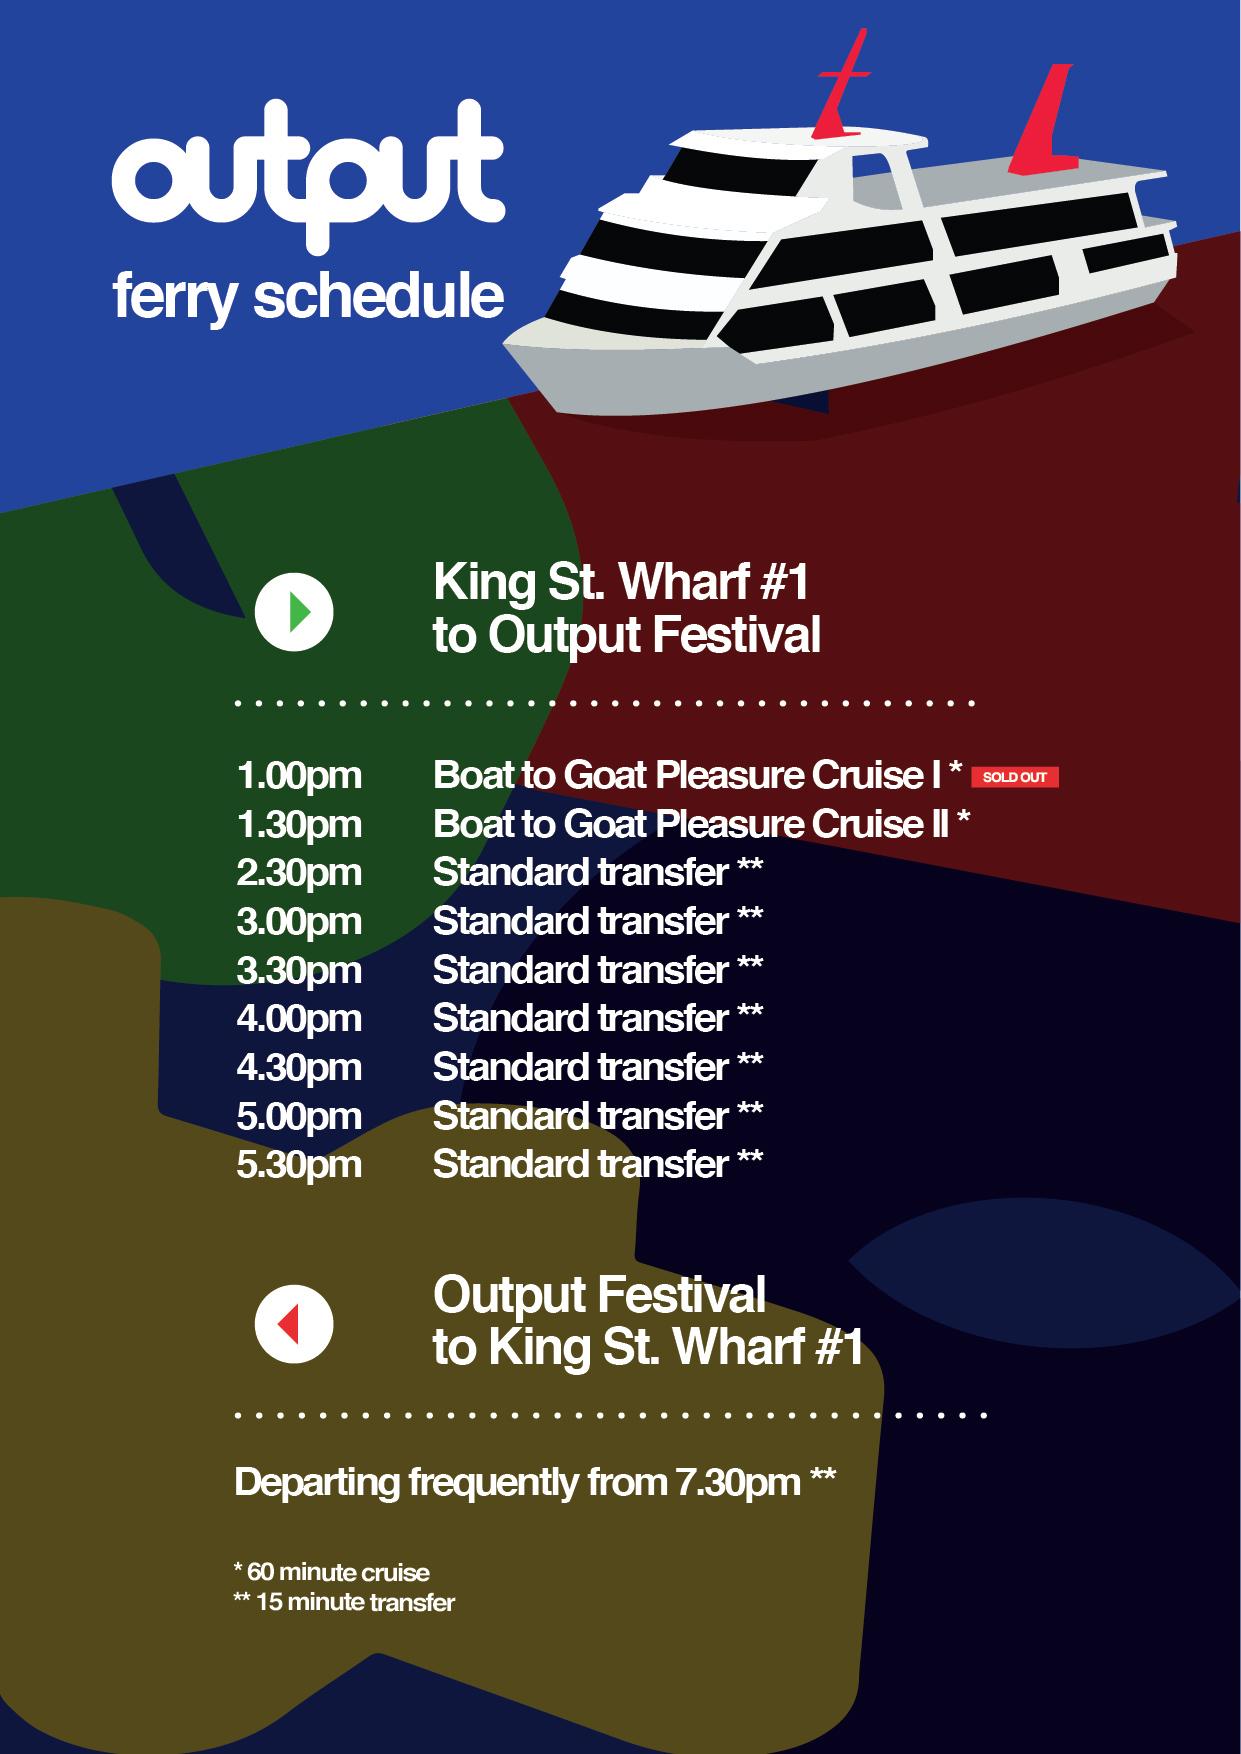 ferry schedule-01.jpg